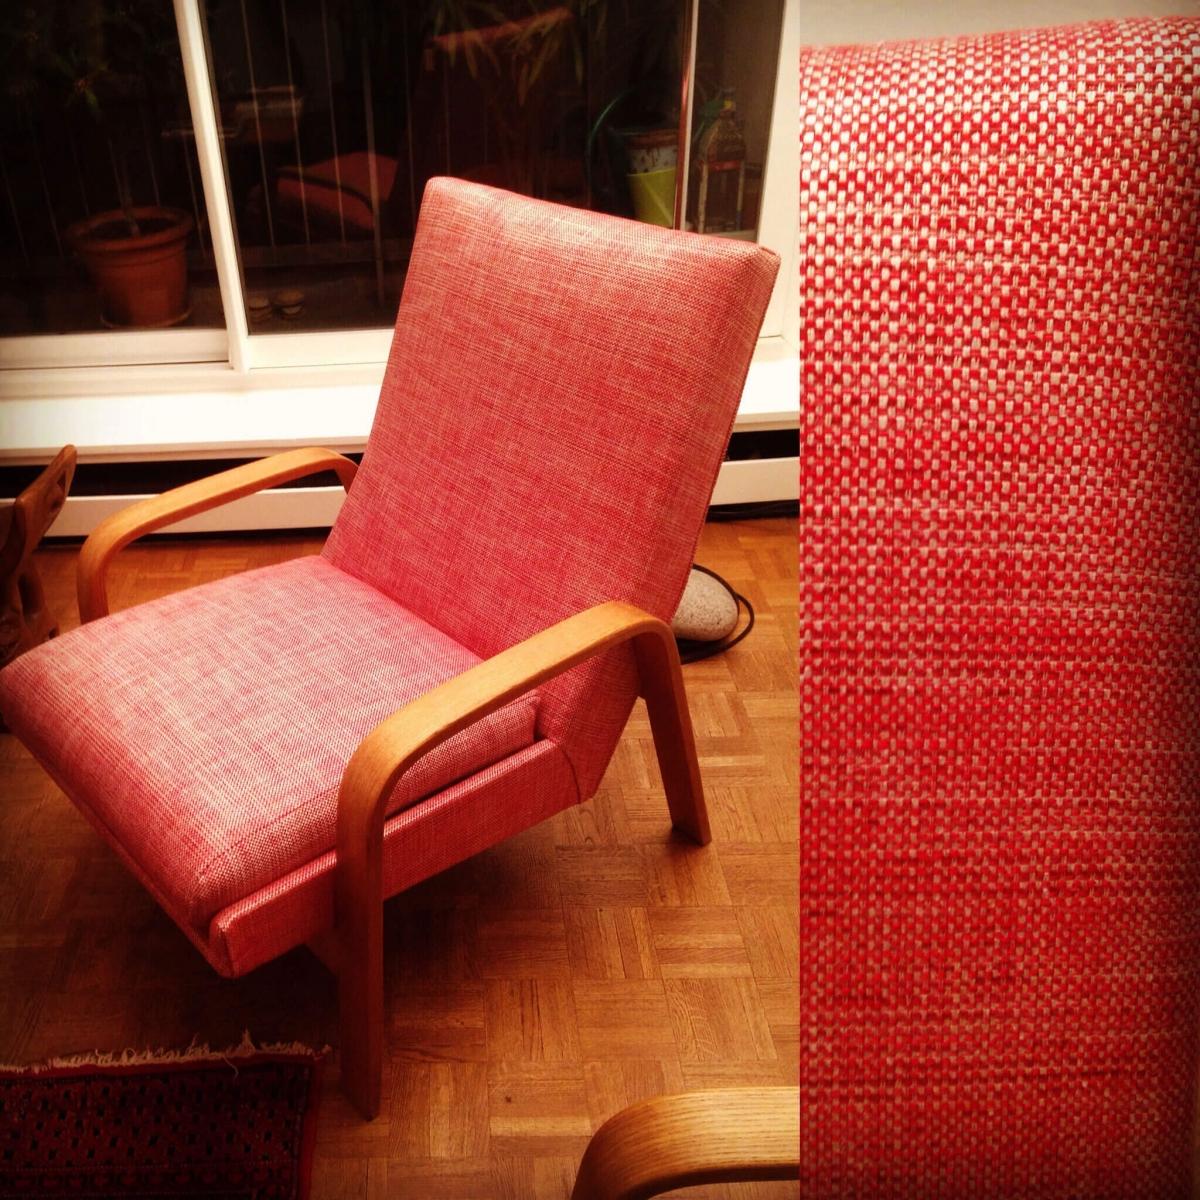 fauteuils contemporains michel larsonneur tapissier d corateur. Black Bedroom Furniture Sets. Home Design Ideas